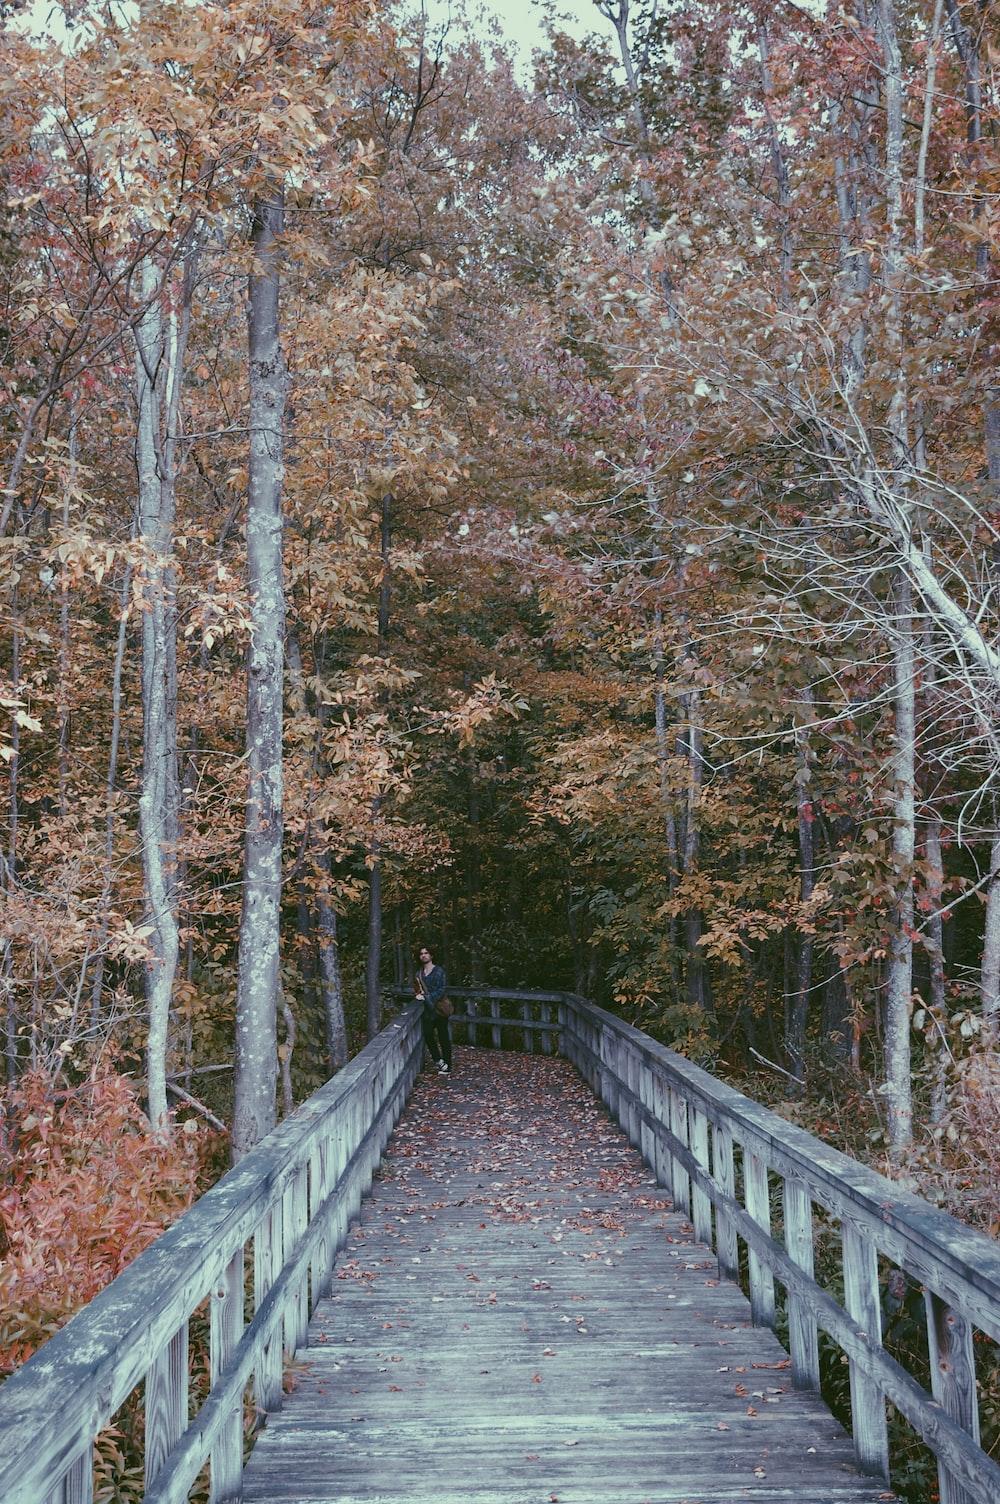 bridge beside trees